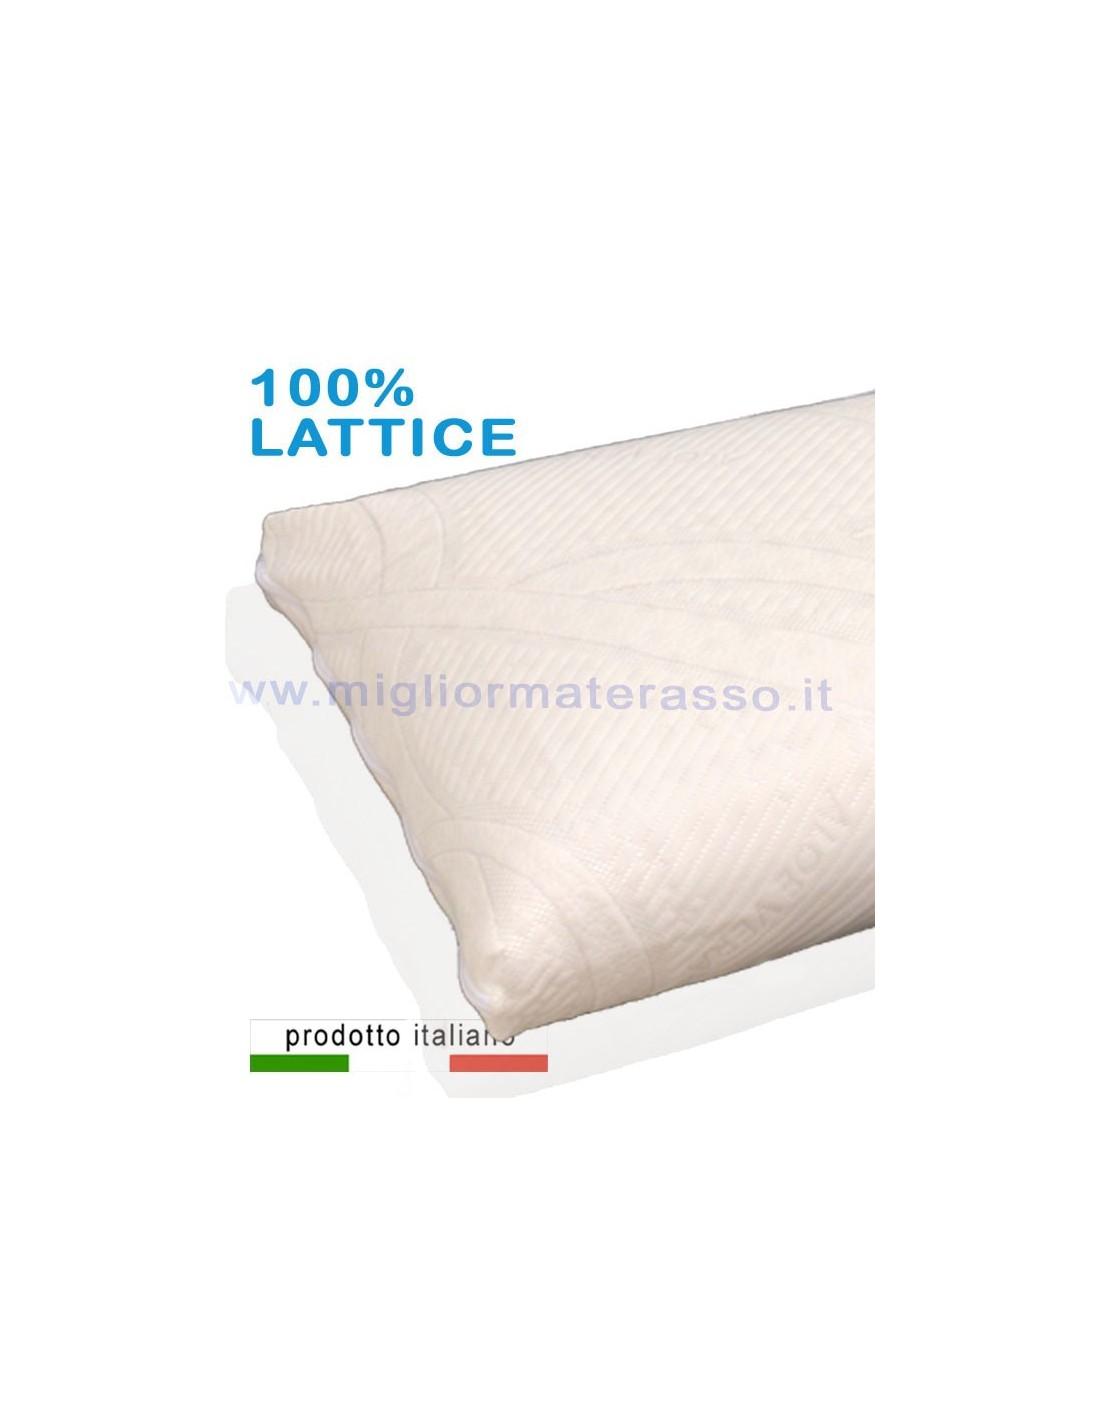 Cuscini alti in lattice acquista prezzi guanciale lattice